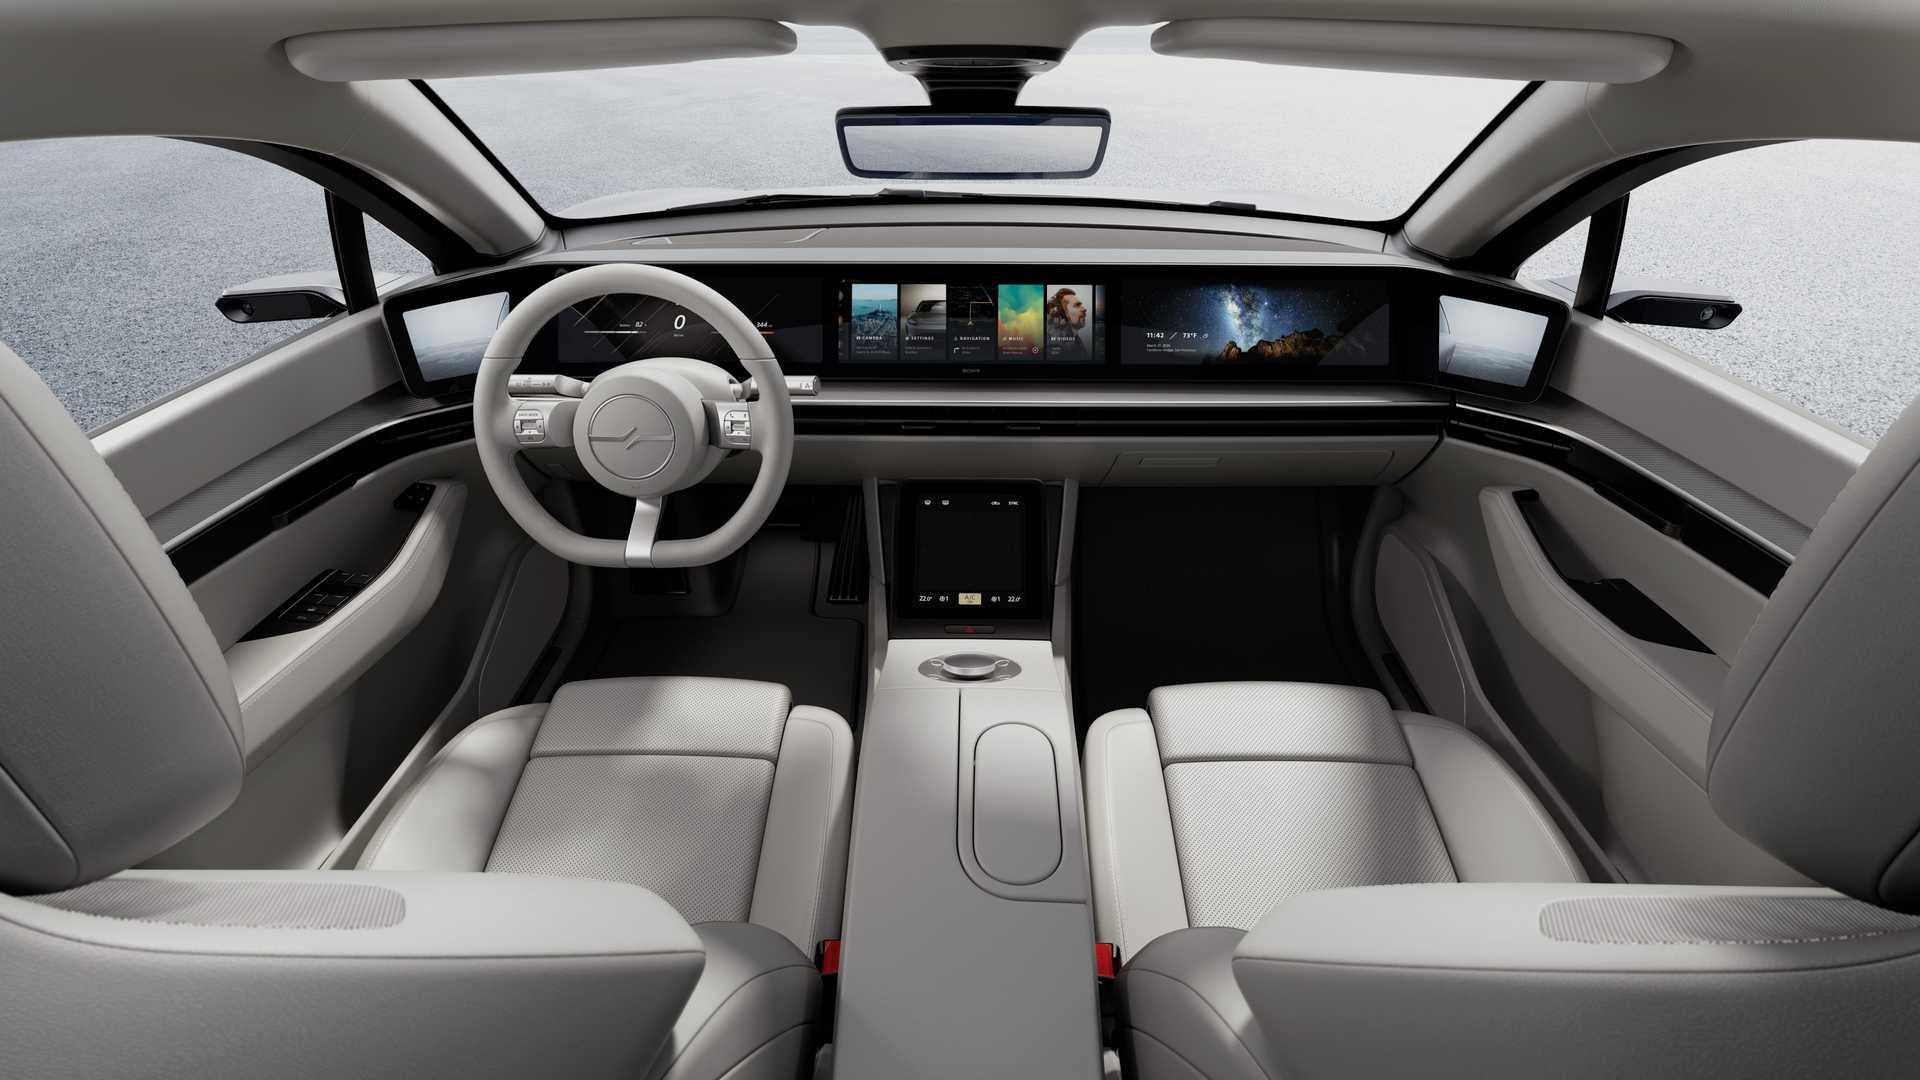 Cận cảnh chiếc xe điện Vision - S đến từ tương lai của Sony - Ảnh 3.